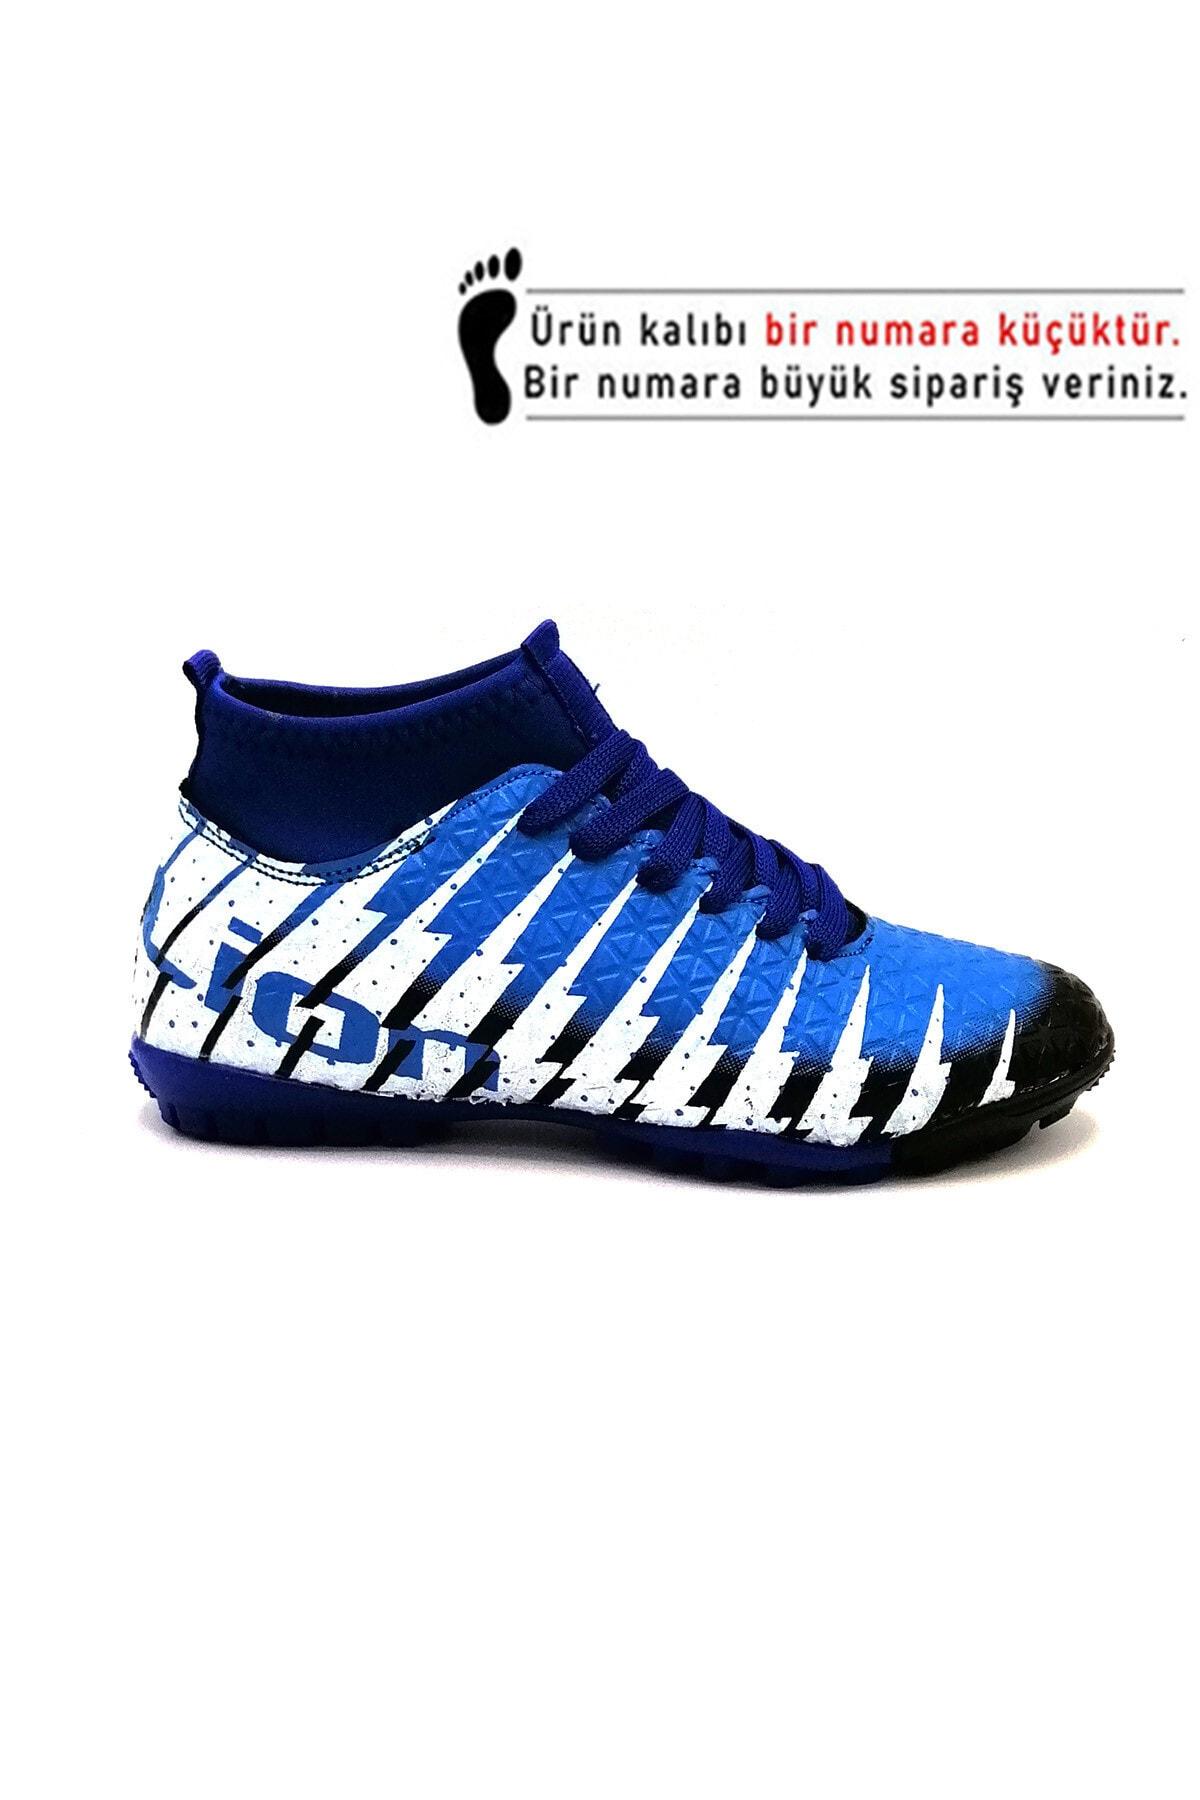 Lion Erkek  Siyah Sax Çoraplı Halısaha Futbol Ayakkabısı 1453 2